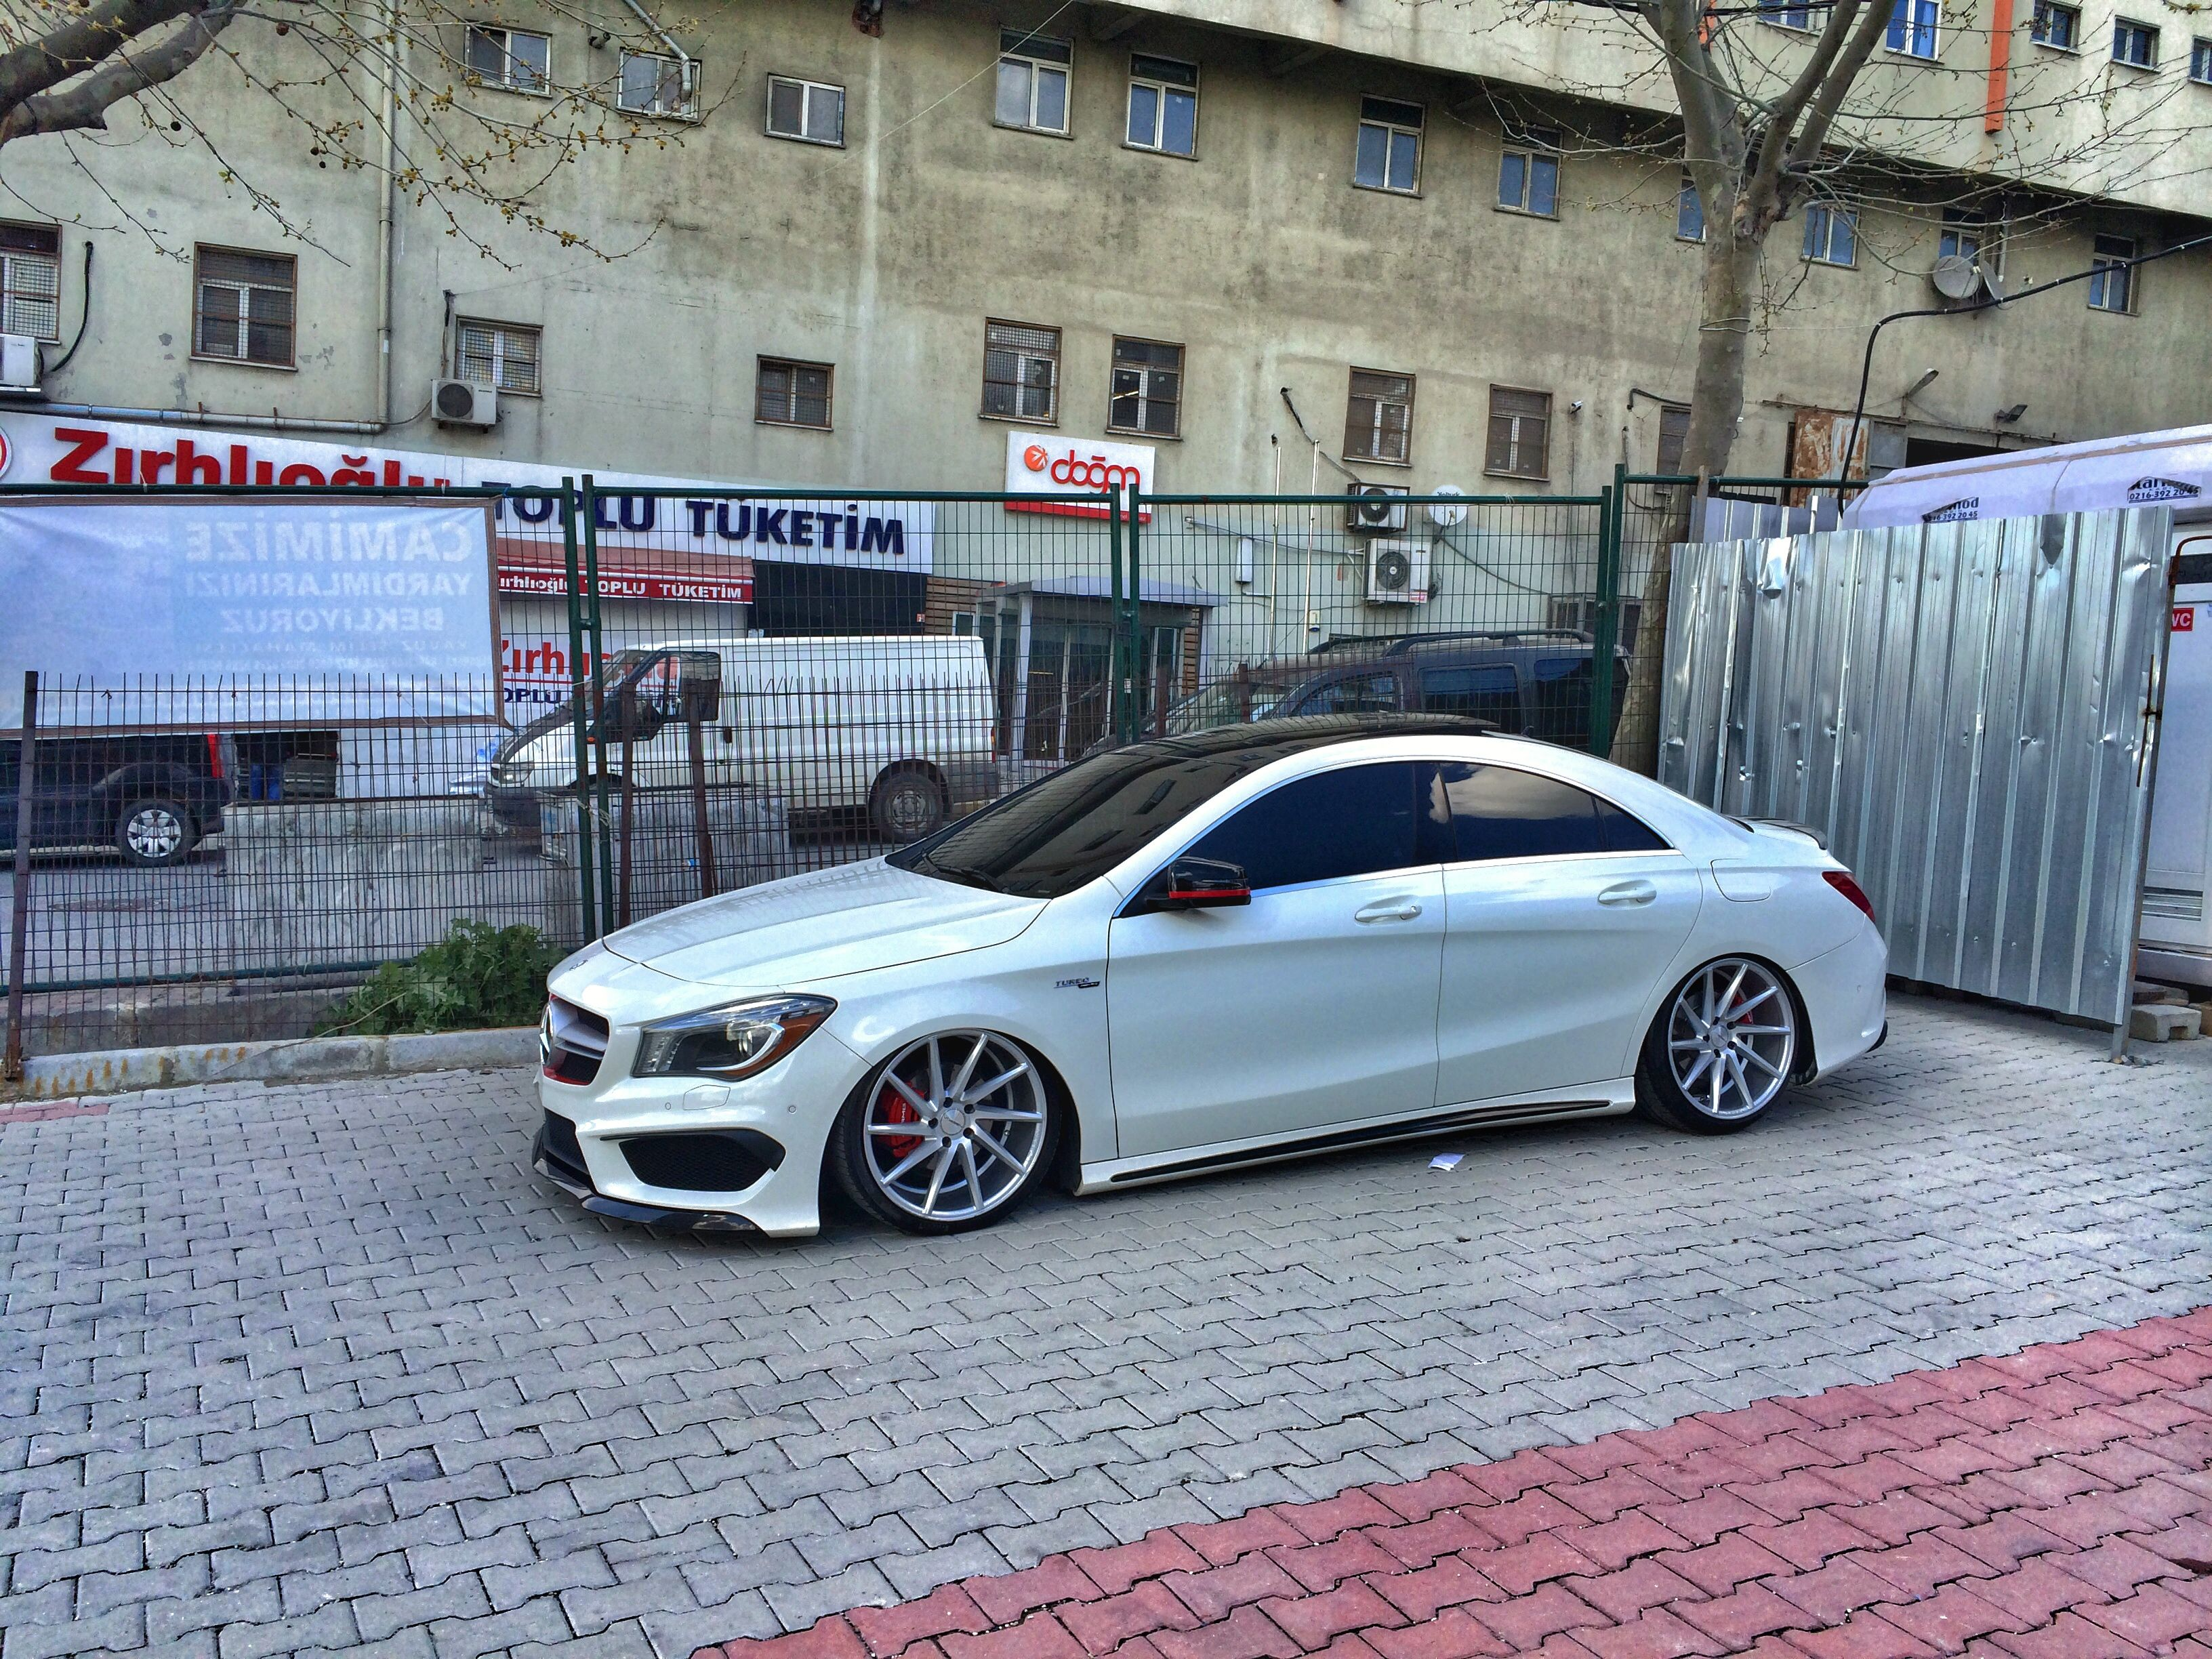 Crazy Mercedes Cla Mercedes Mercedes Benz Cls Mercedes Car